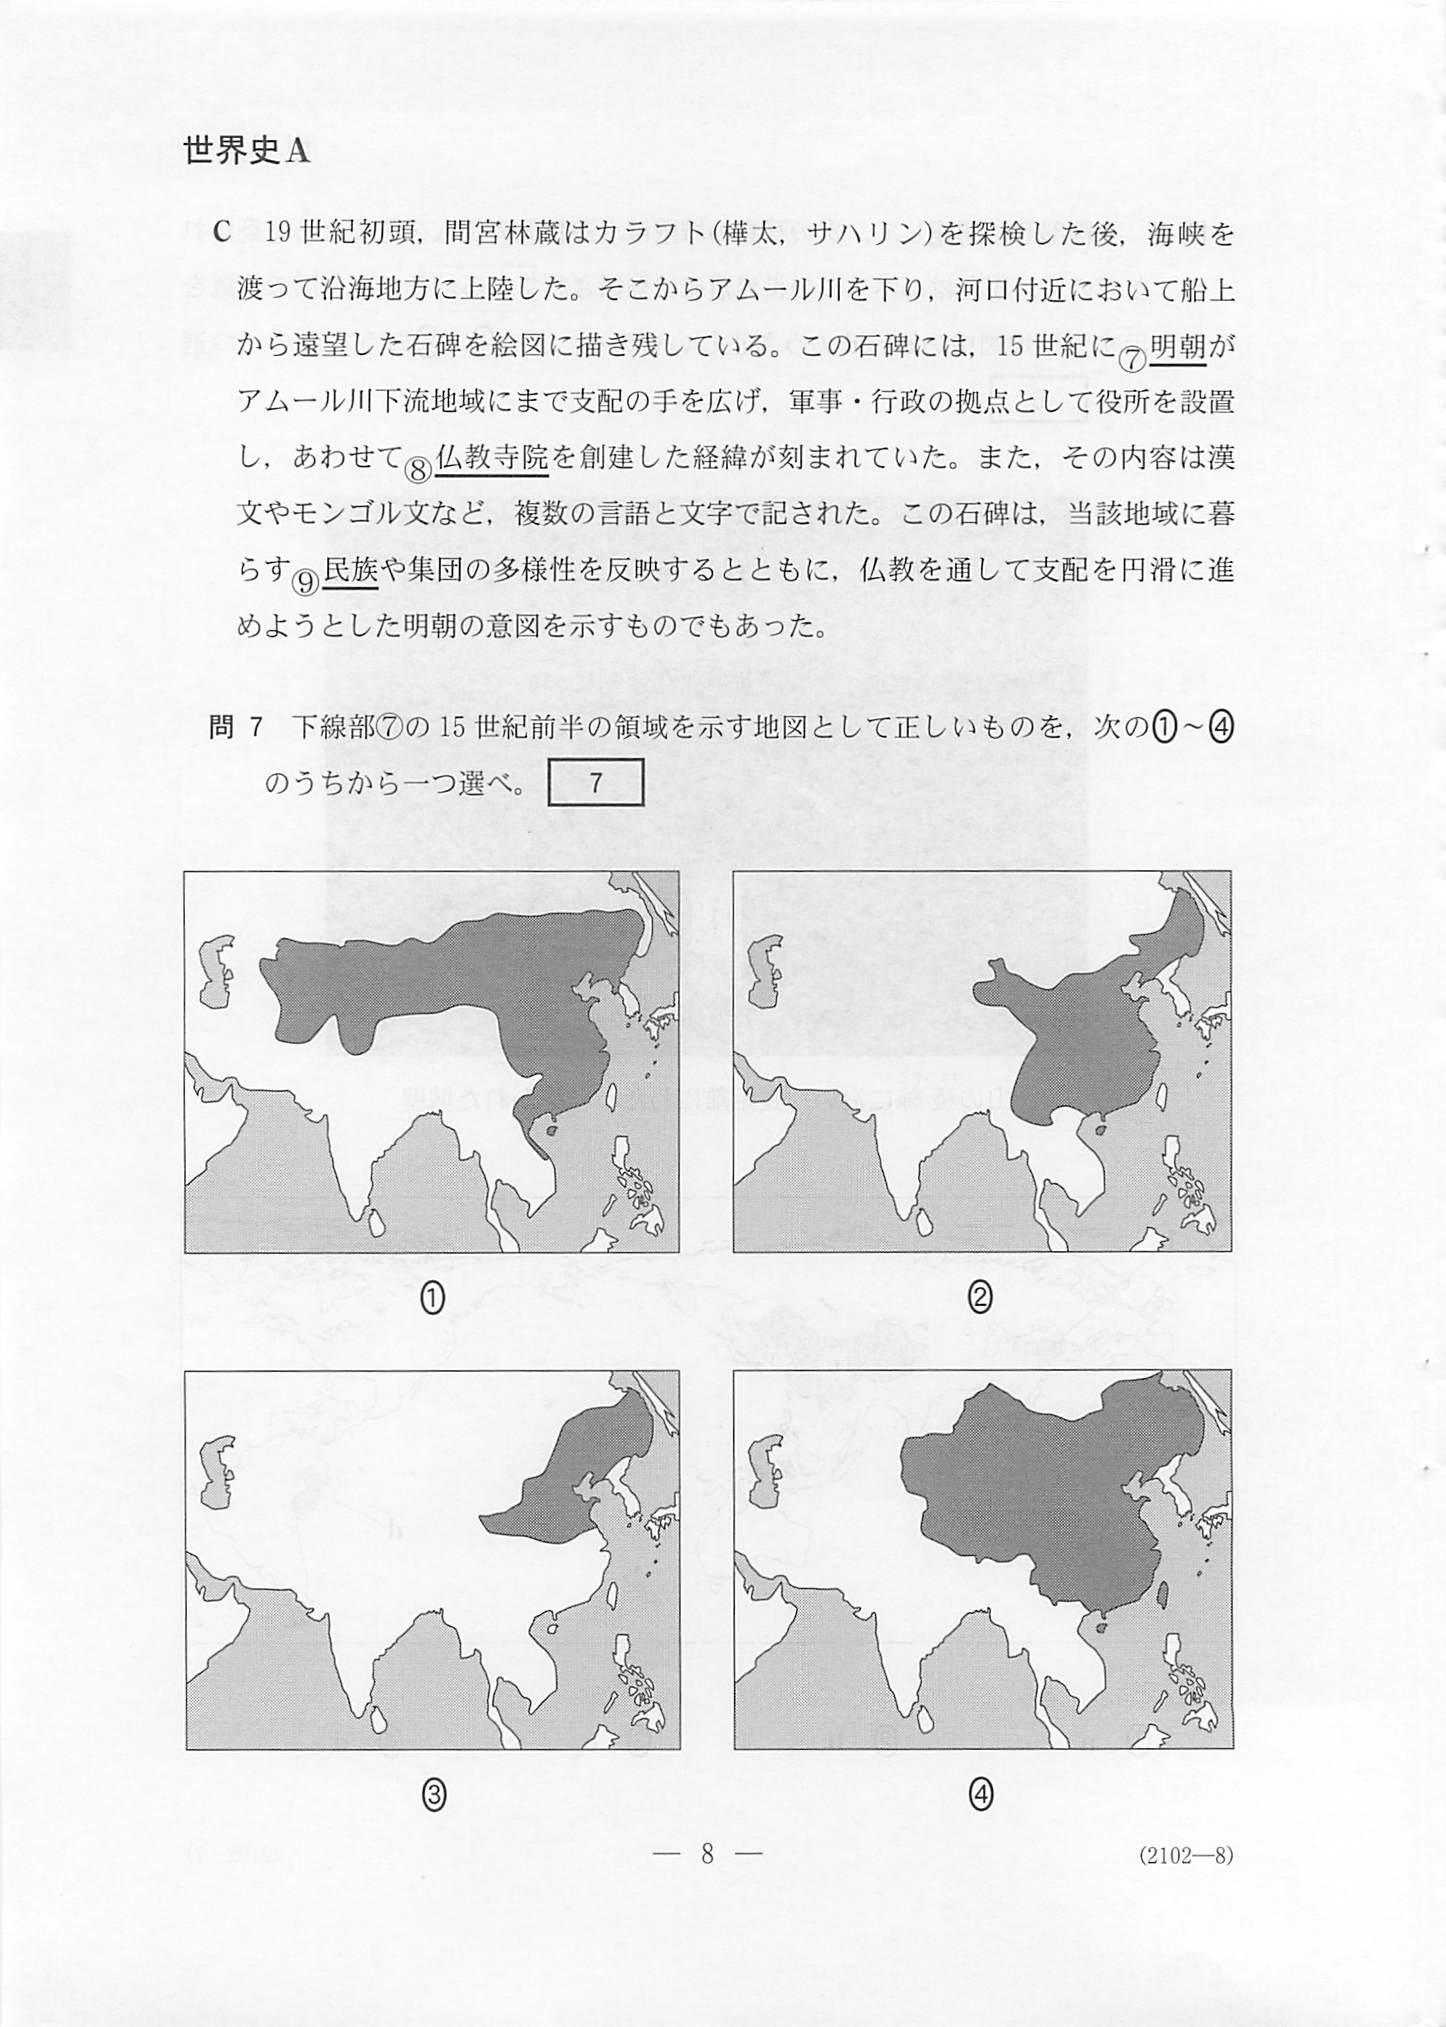 世界史A 地理歴史|2020年 令和2年 センター試験過去問題